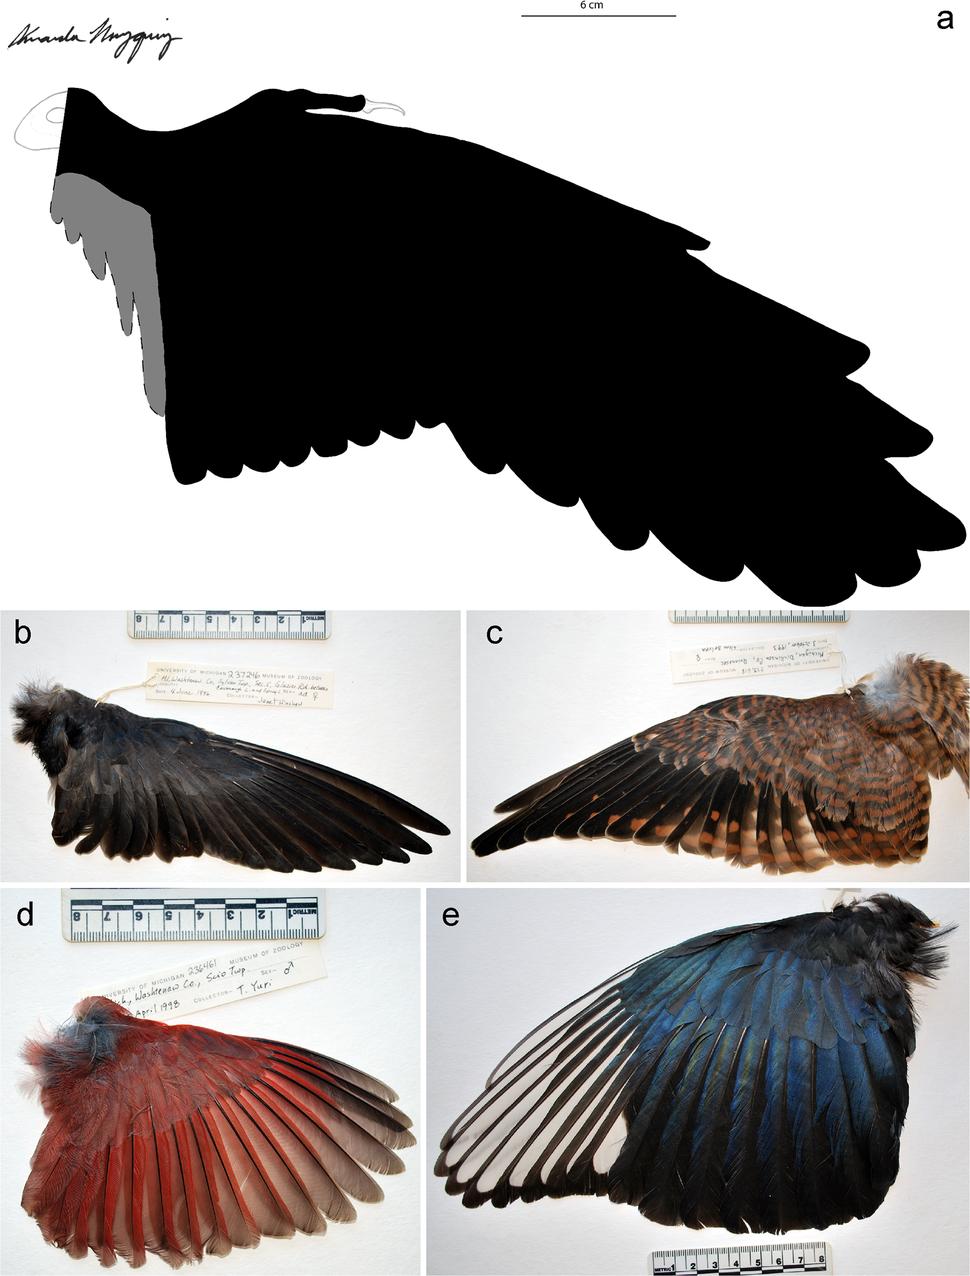 Confuciusornis wing